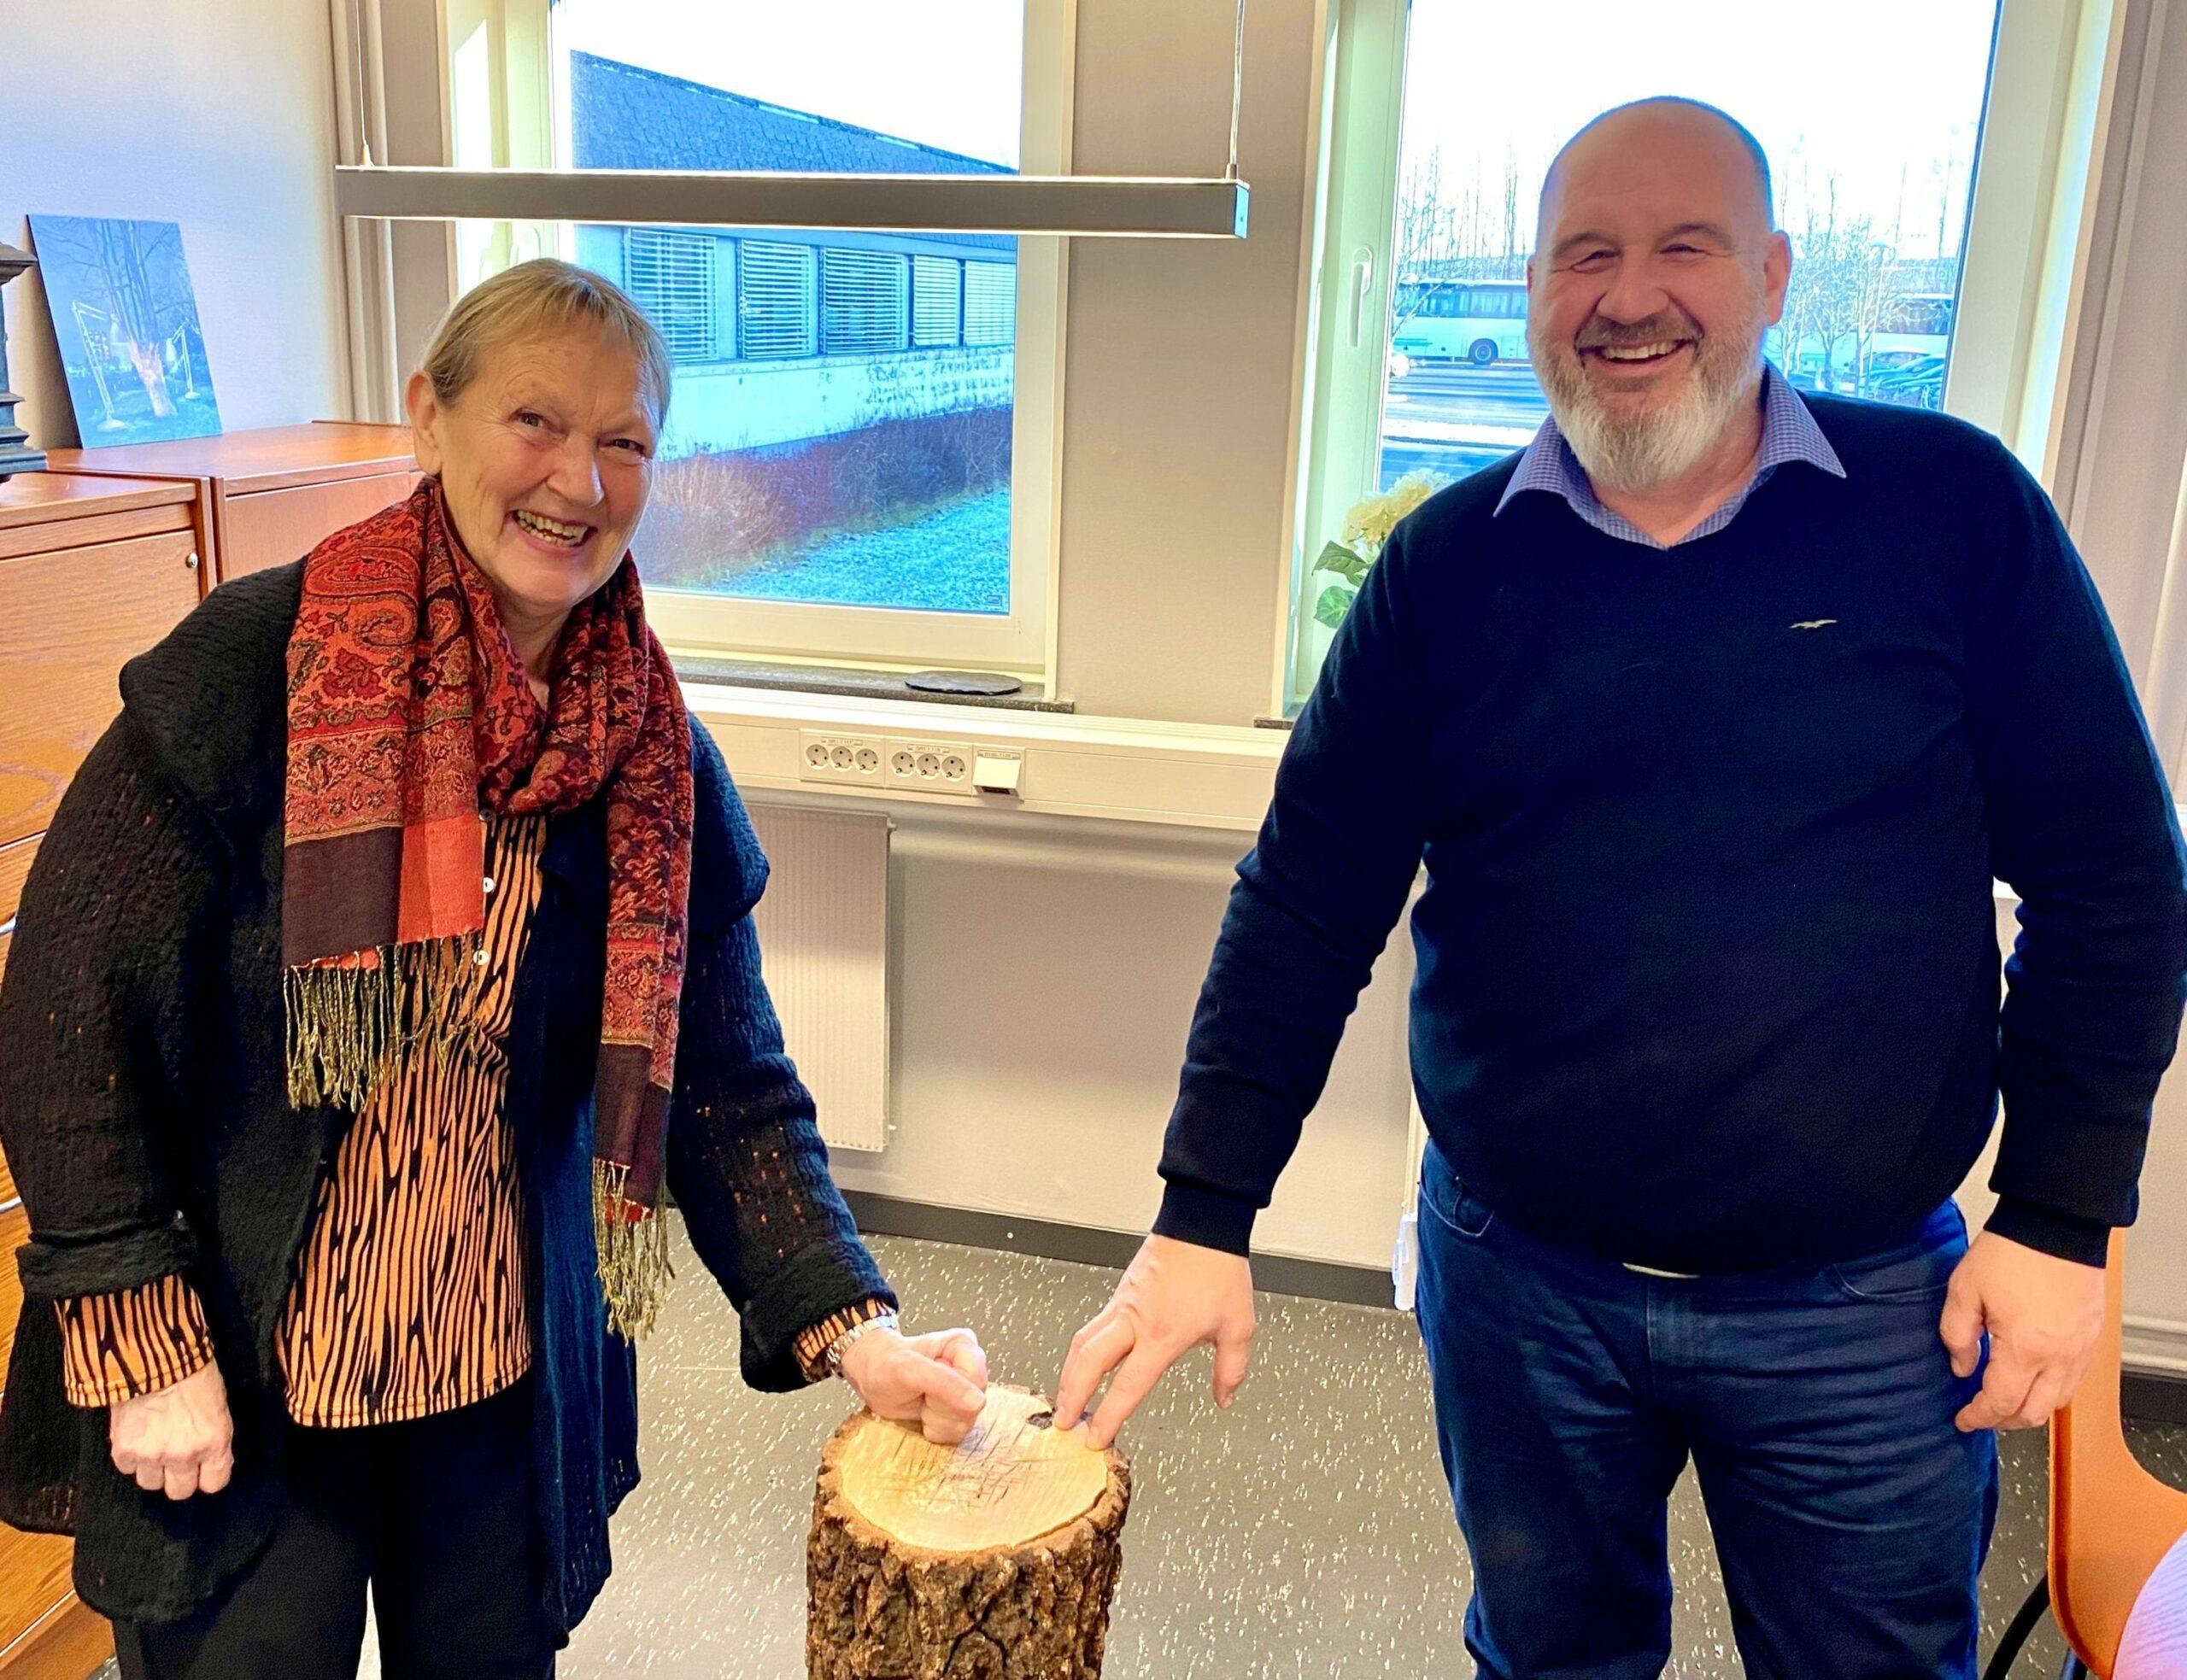 BLIR VIDEREFØRT: Tildelingen fra Innlandet Fylkeskommune og Riksantikvaren sørger for at Finnskogen Natur & Kulturpark kan drive i minst ti år til. Herdis Bragelien og Rune Grenberg er glad for at det offentlige støtter opp om parken.